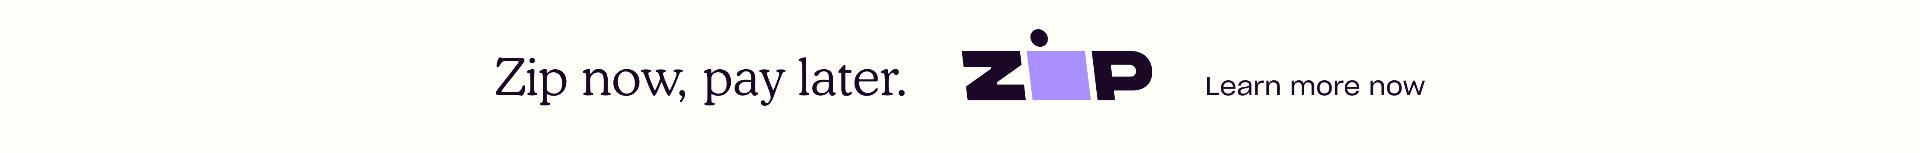 ZIP - ZIP now pay later